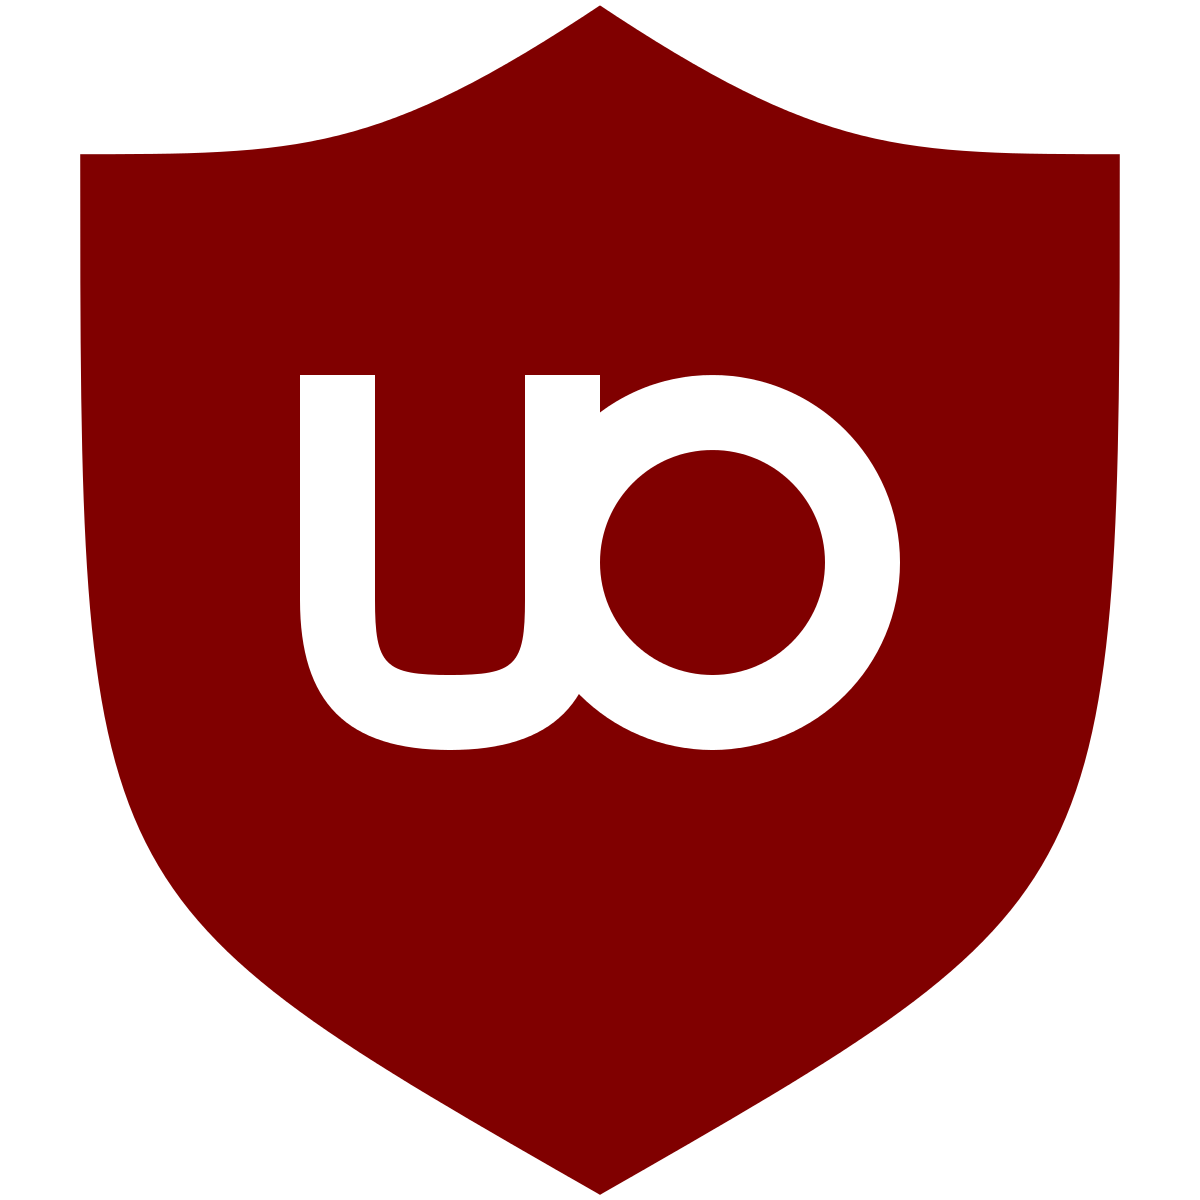 Logo de l'extension uBlock Origin